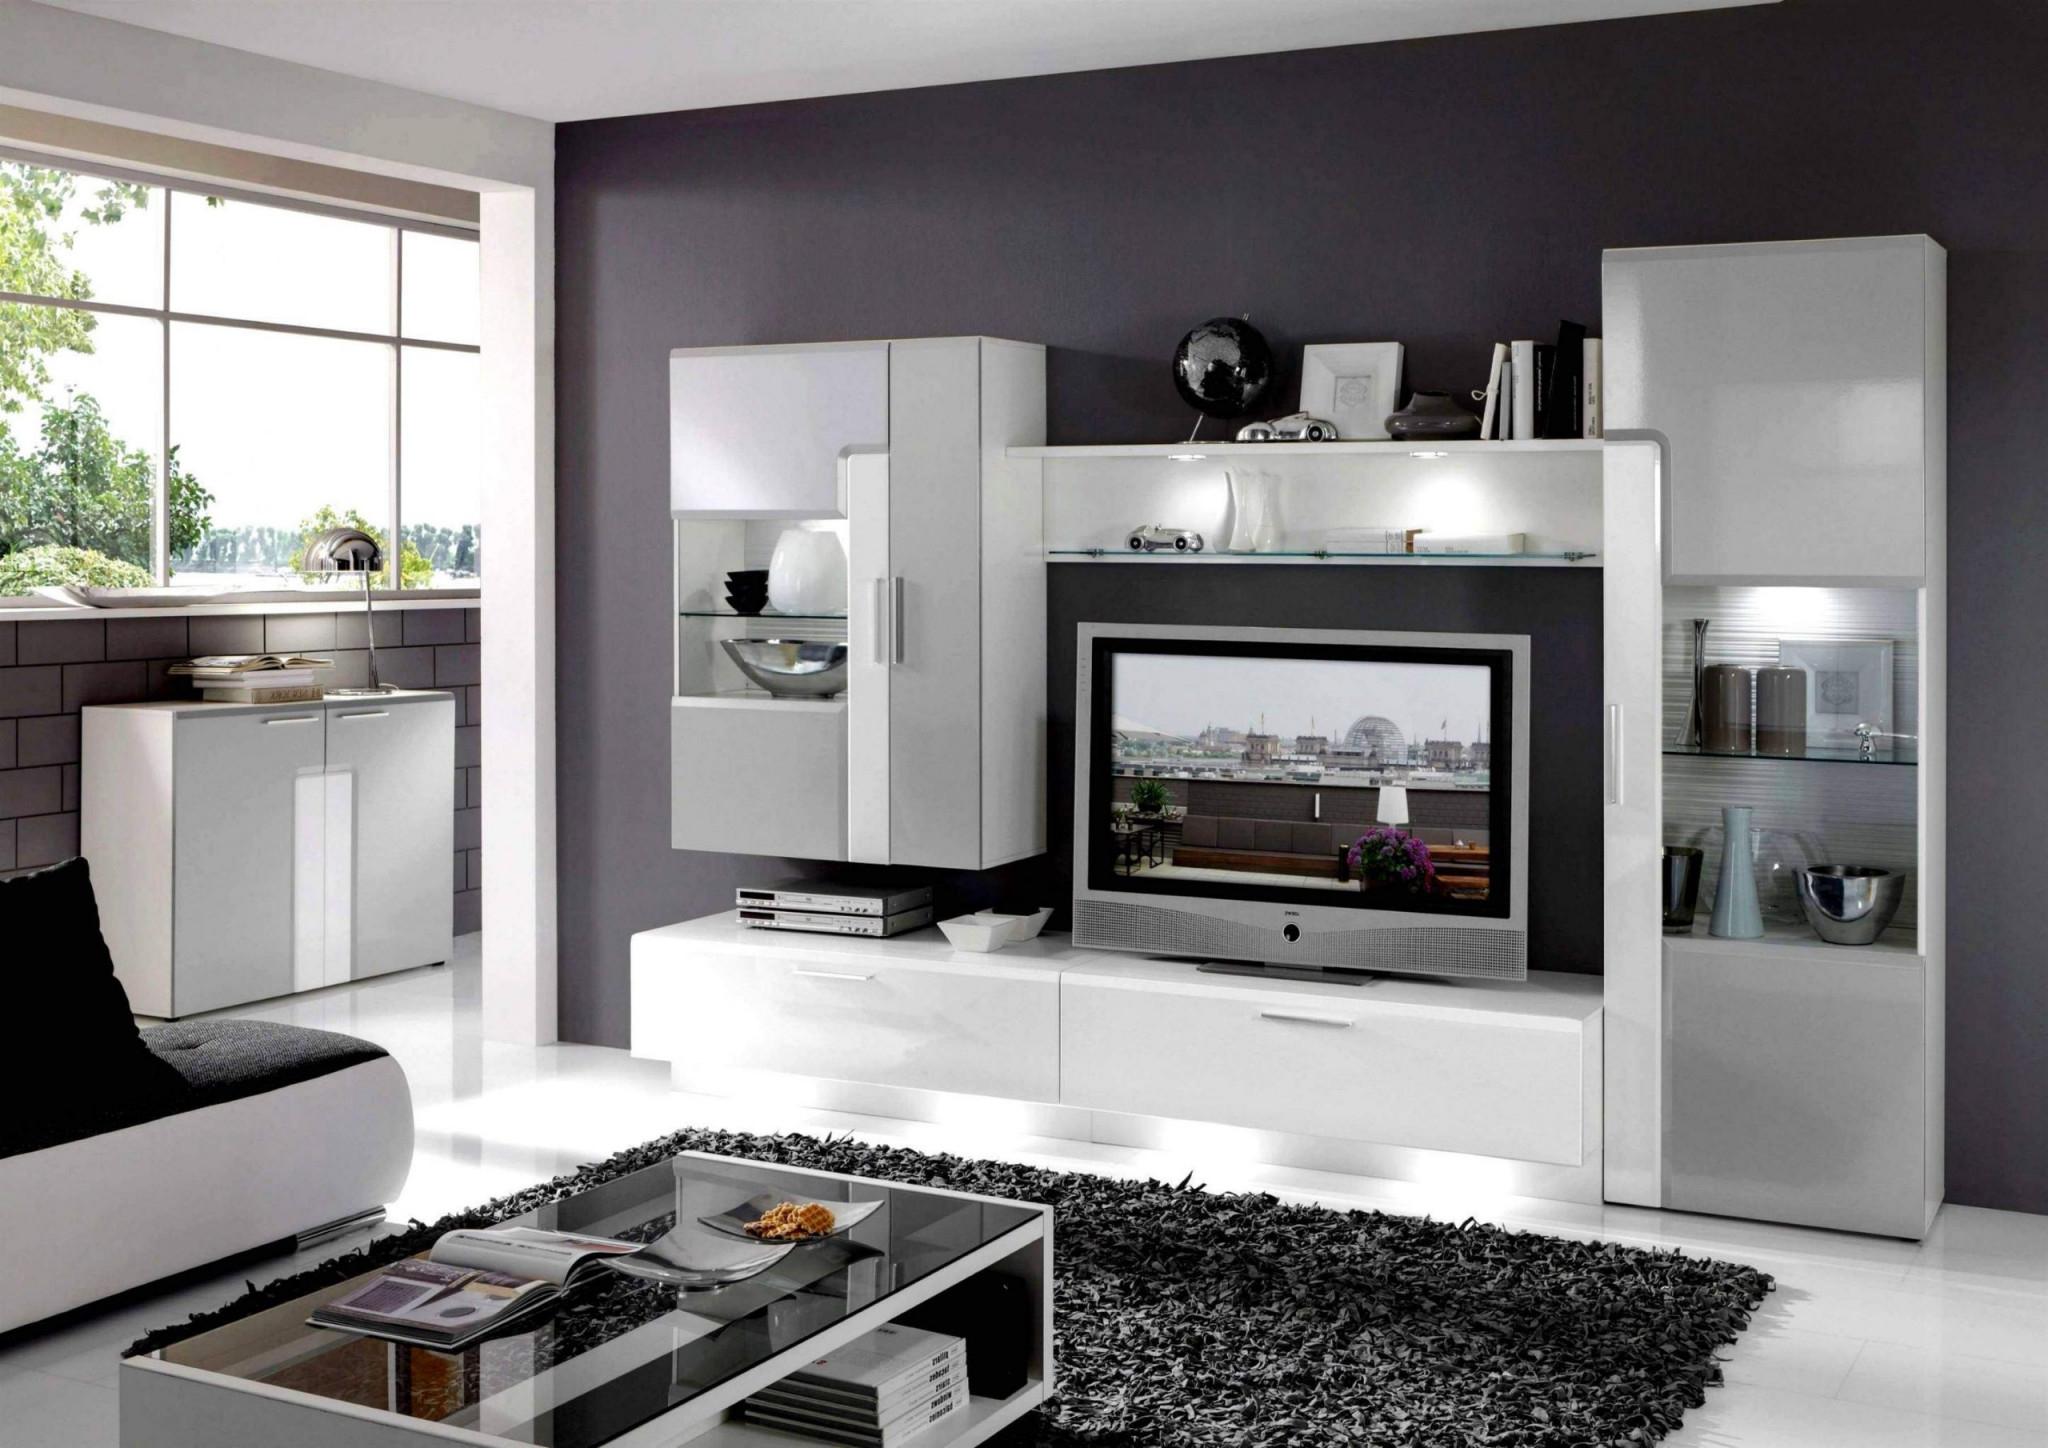 35 Einzigartig Wohnzimmer Gestalten Mit Farbe Inspirierend von Wohnzimmer Mit Farbe Gestalten Photo